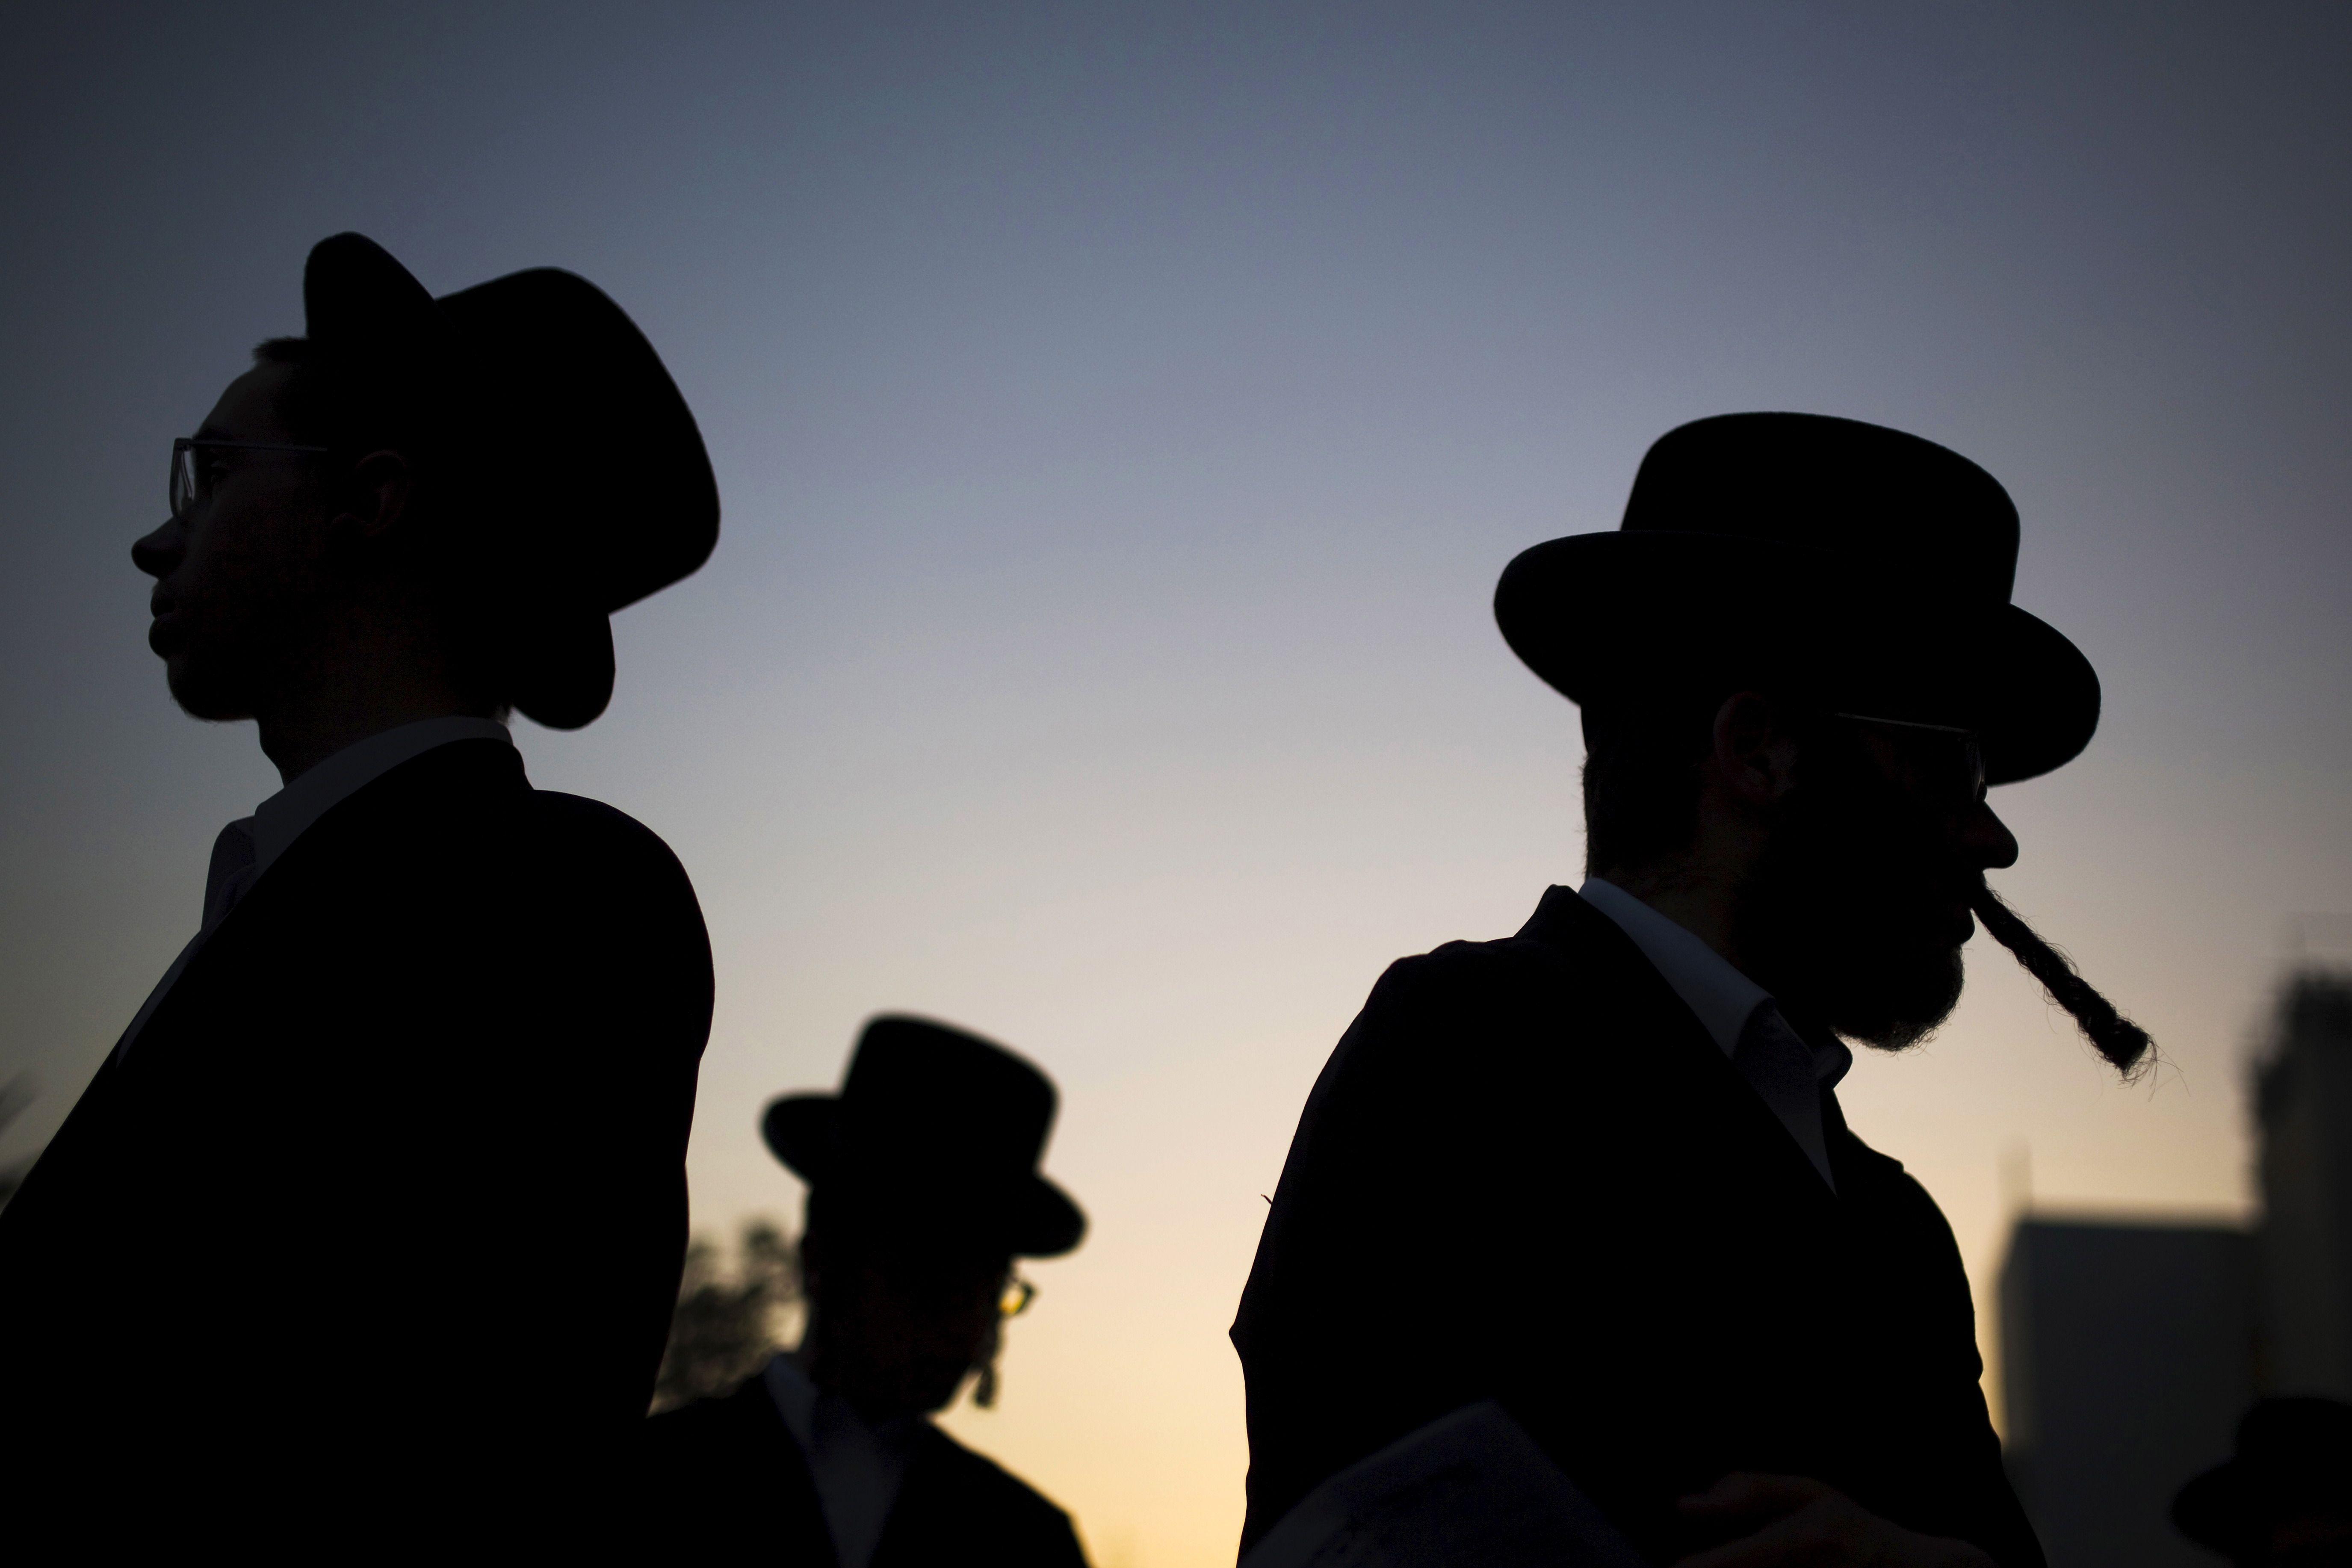 Juifs, ne partez pas! Nous ne souhaitons pas rester seuls avec les autres…